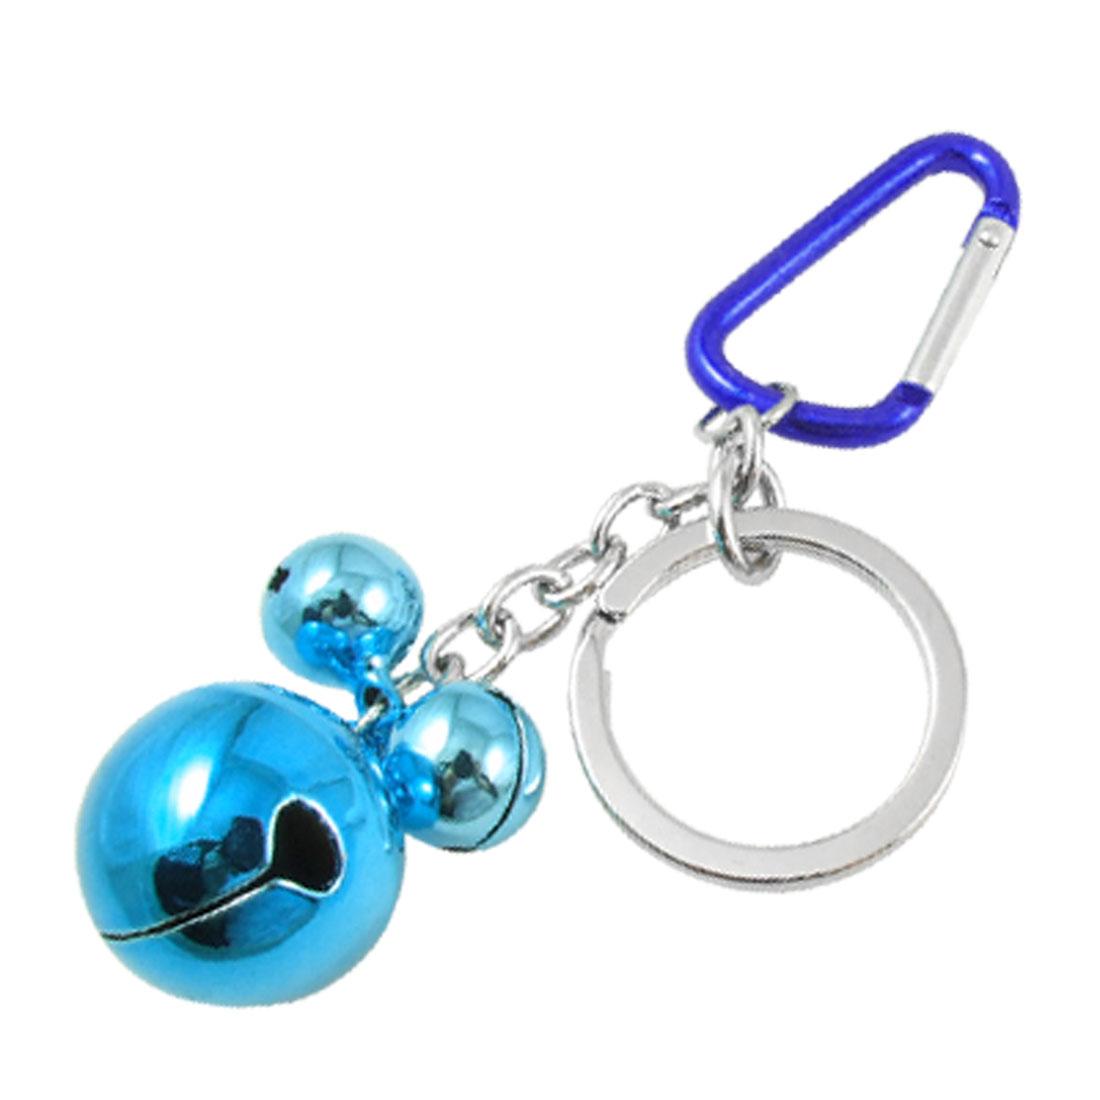 Royal Blue Carabiner 3 Bells Pendant Split Ring Keychain Keys Holder